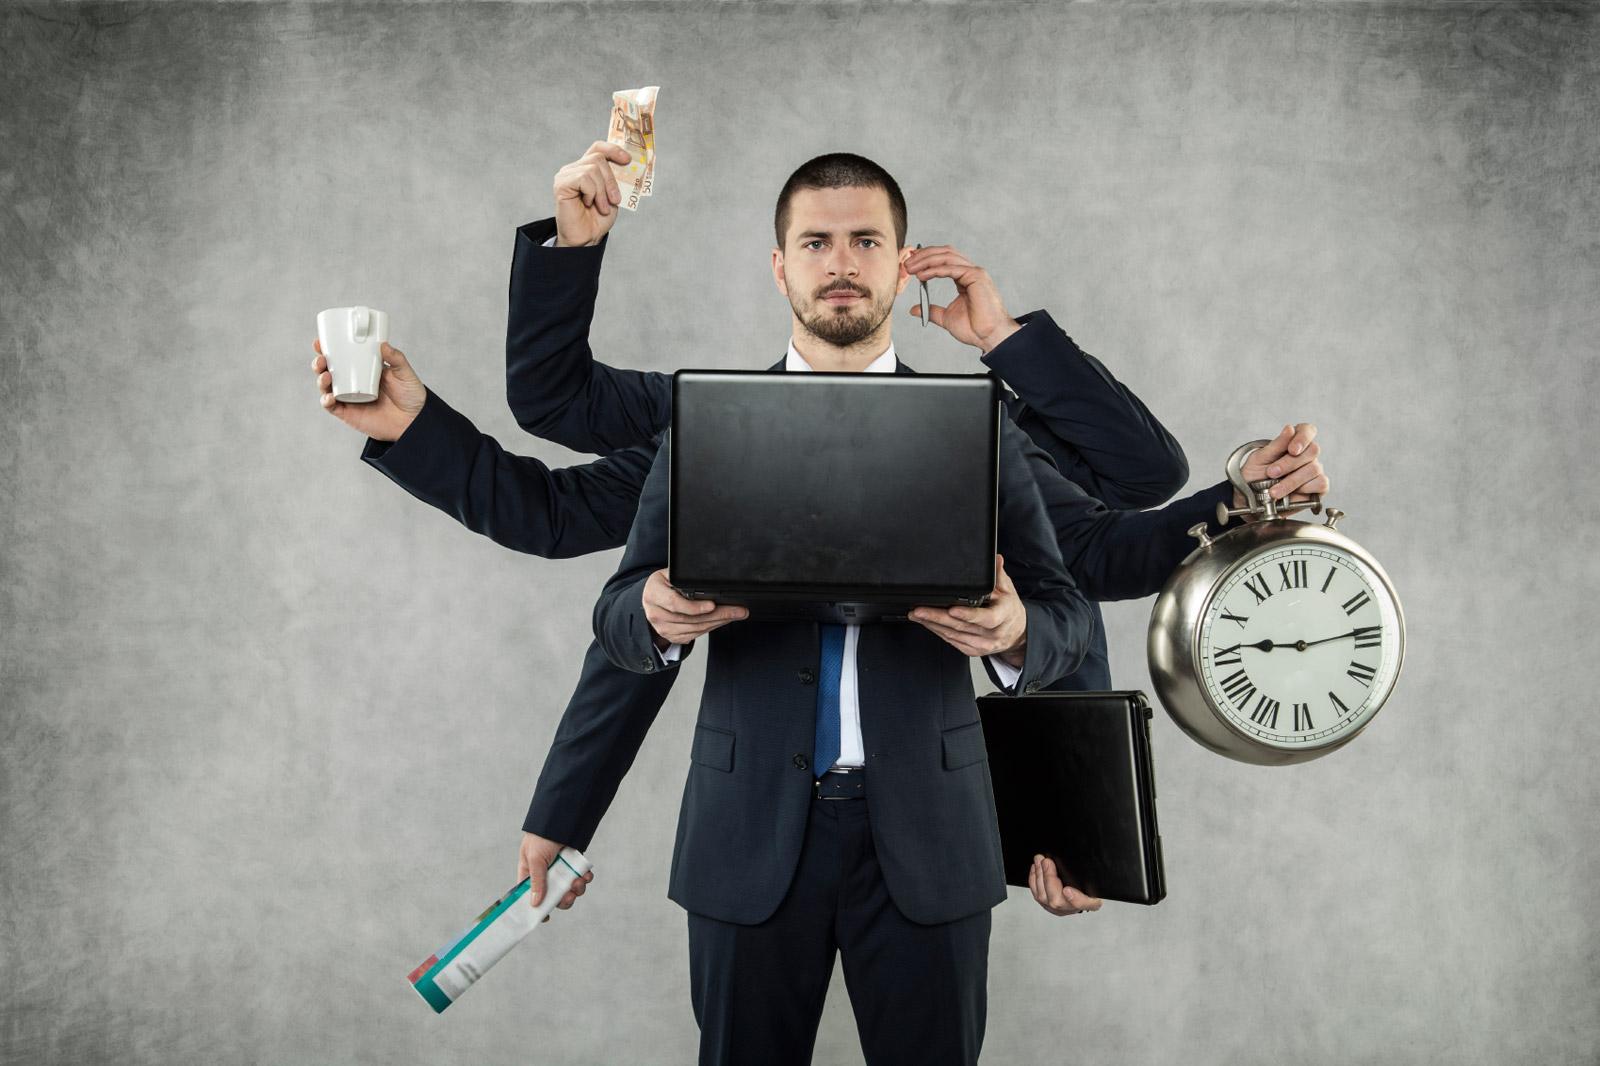 Telefonda Satış Nasıl Yapılır